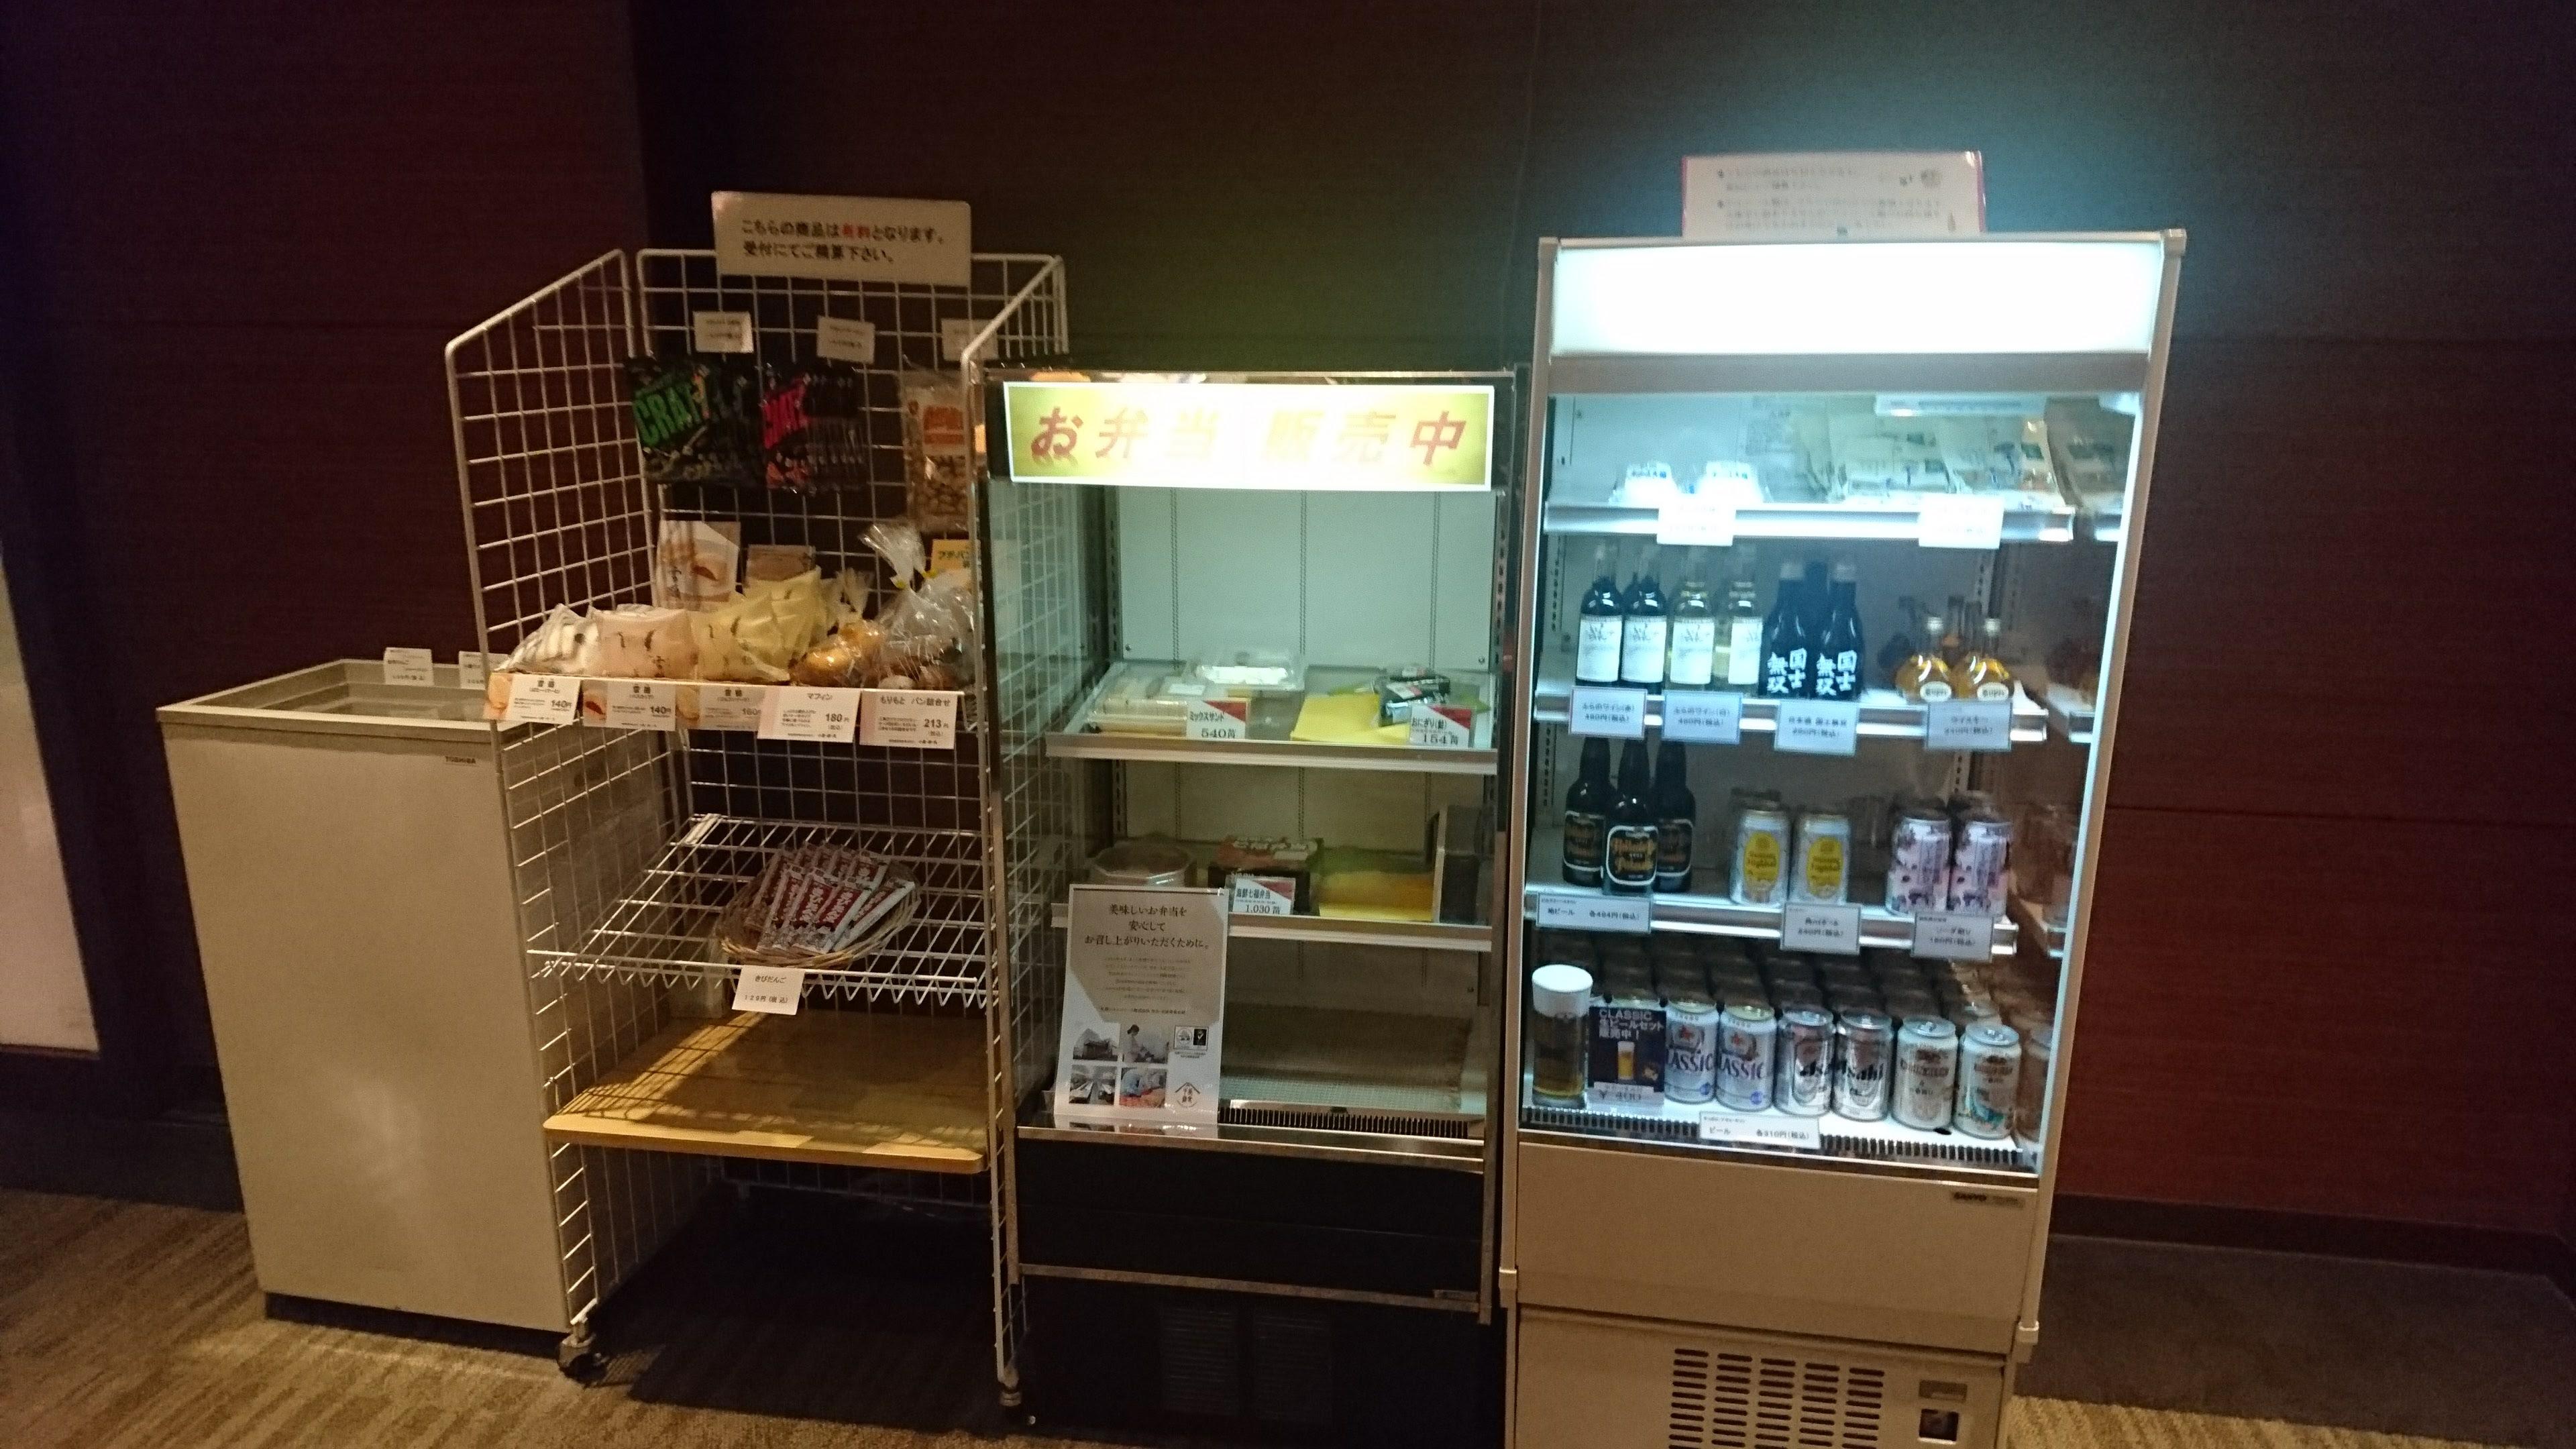 軽食とアルコールが有料で販売